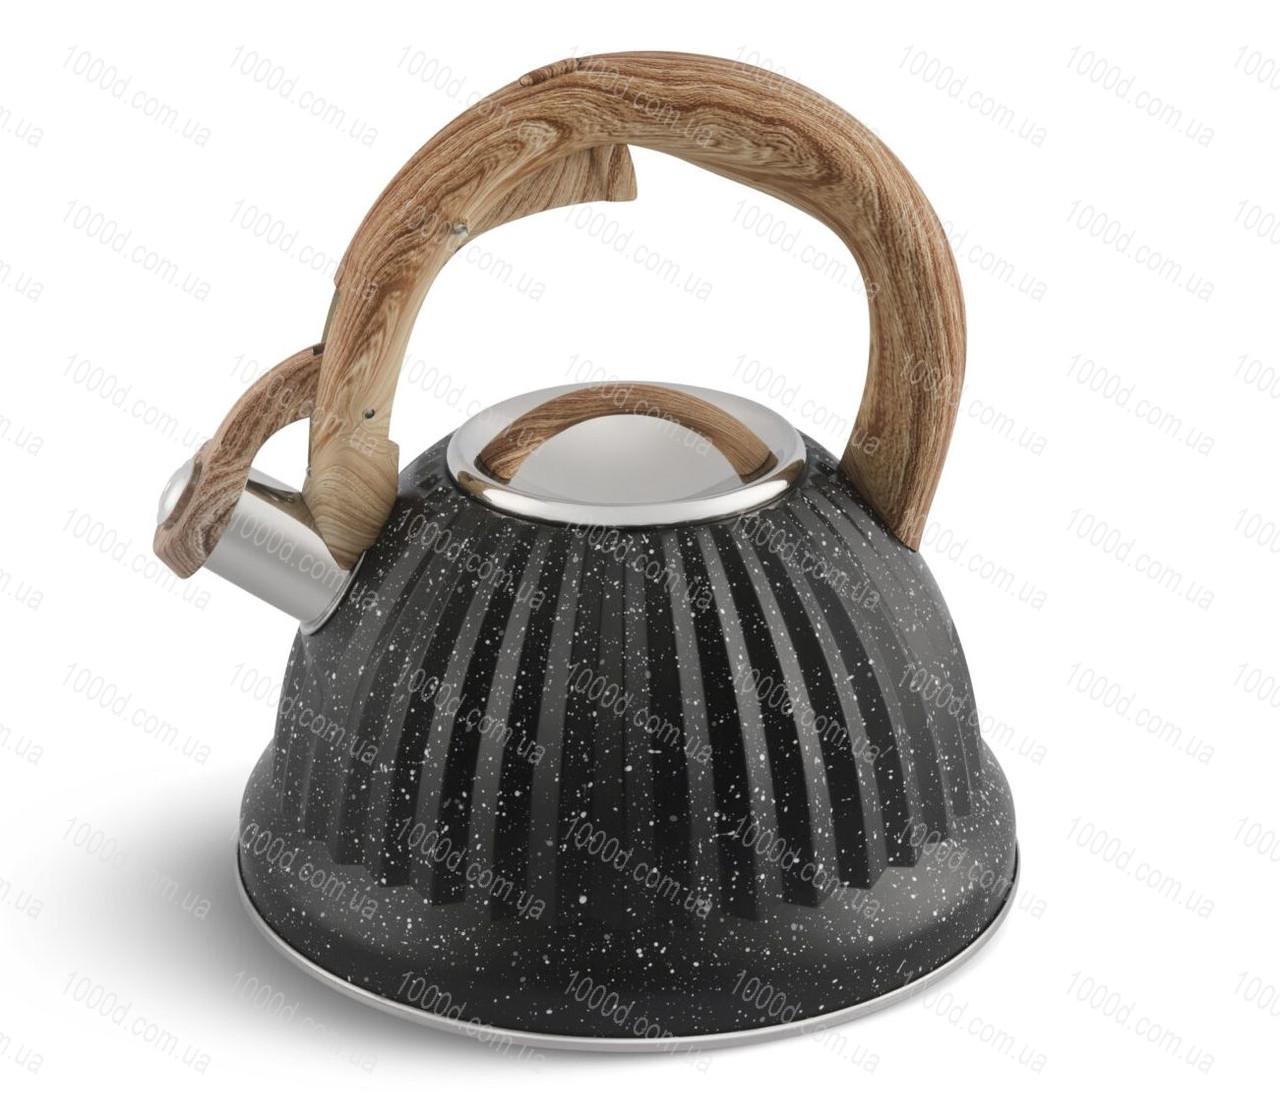 Чайник з нержавіючої сталі зі свистком Edenberg 3.0 л Чорний (EB-8810B)